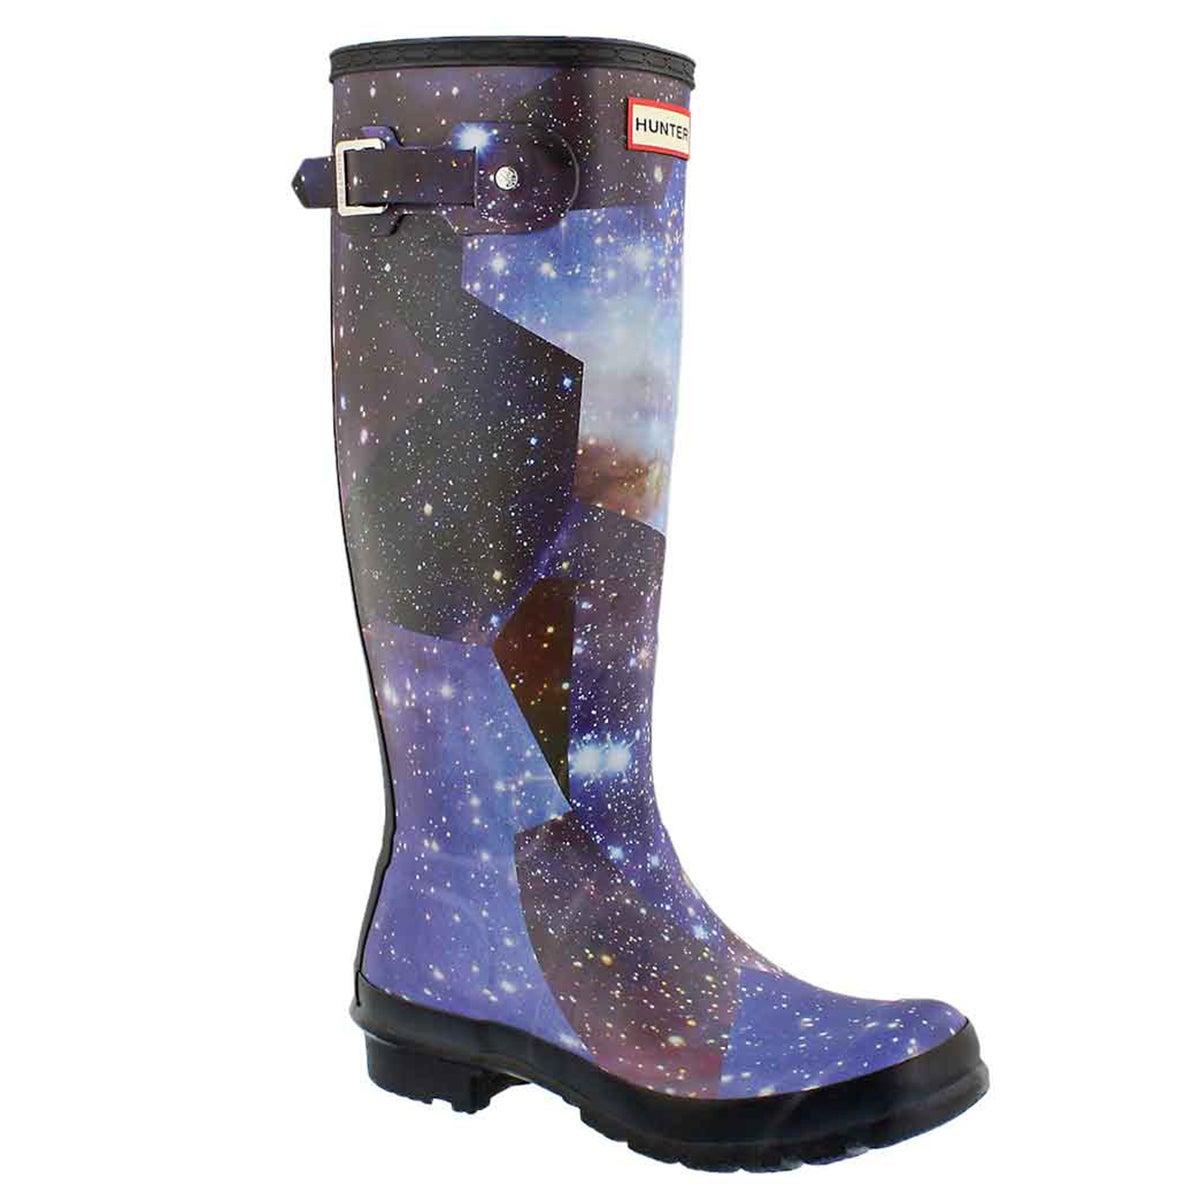 Women's ORIGINAL TALL SPACE CAMO mdngt rain boots